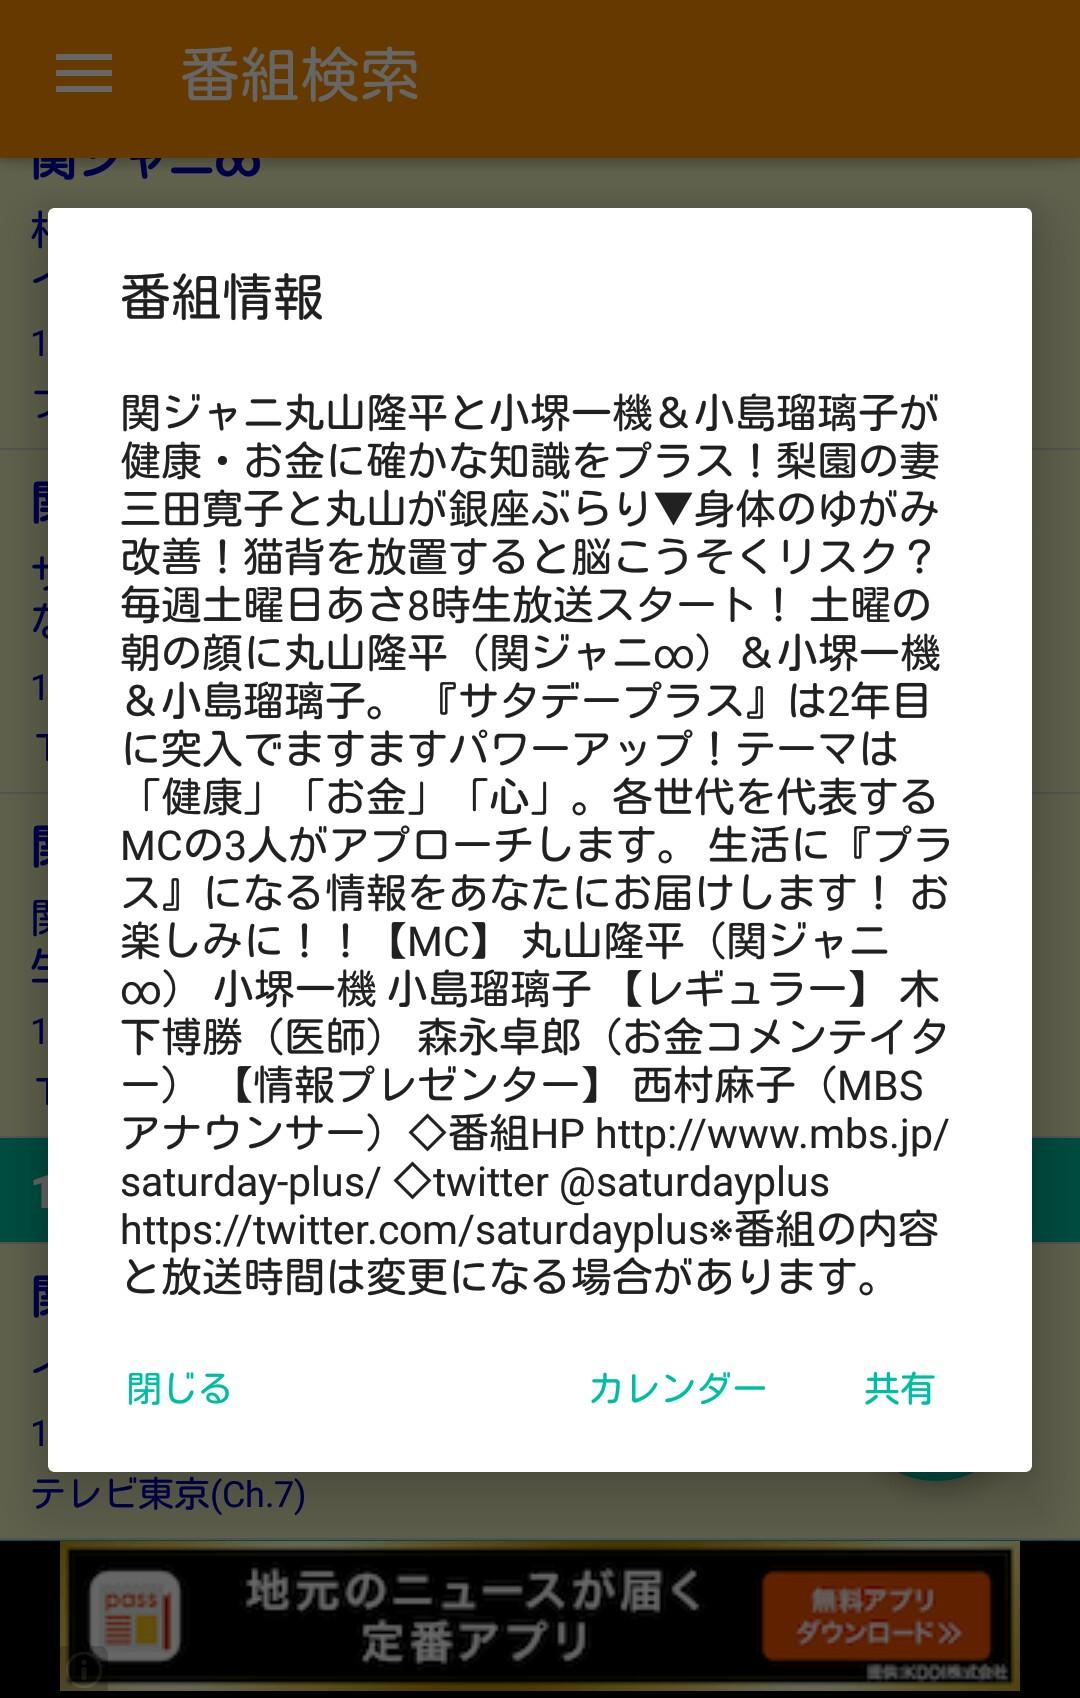 20161207_1096992.jpg